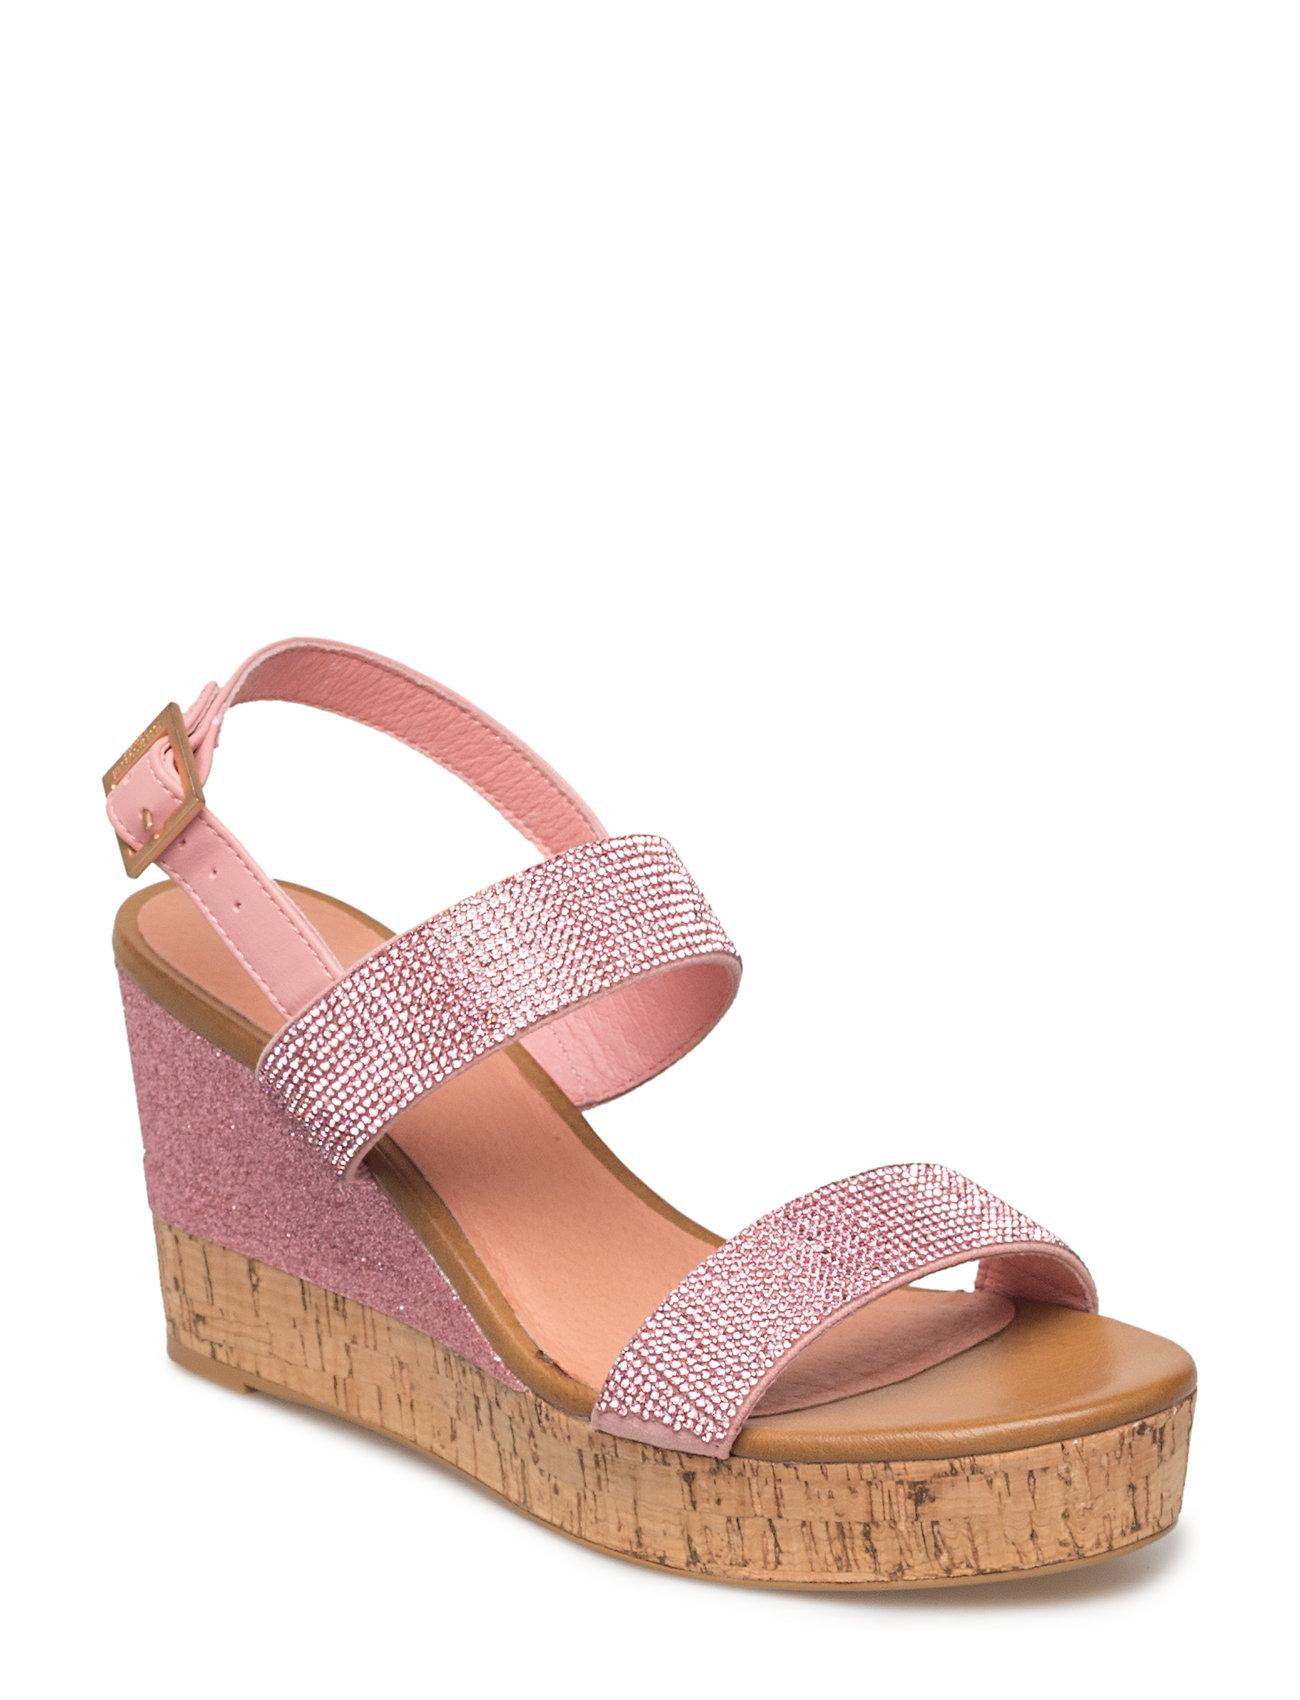 €Large Ilse Womens Metallic Sandal721 Rose45 Jacobsen wvm0ON8n